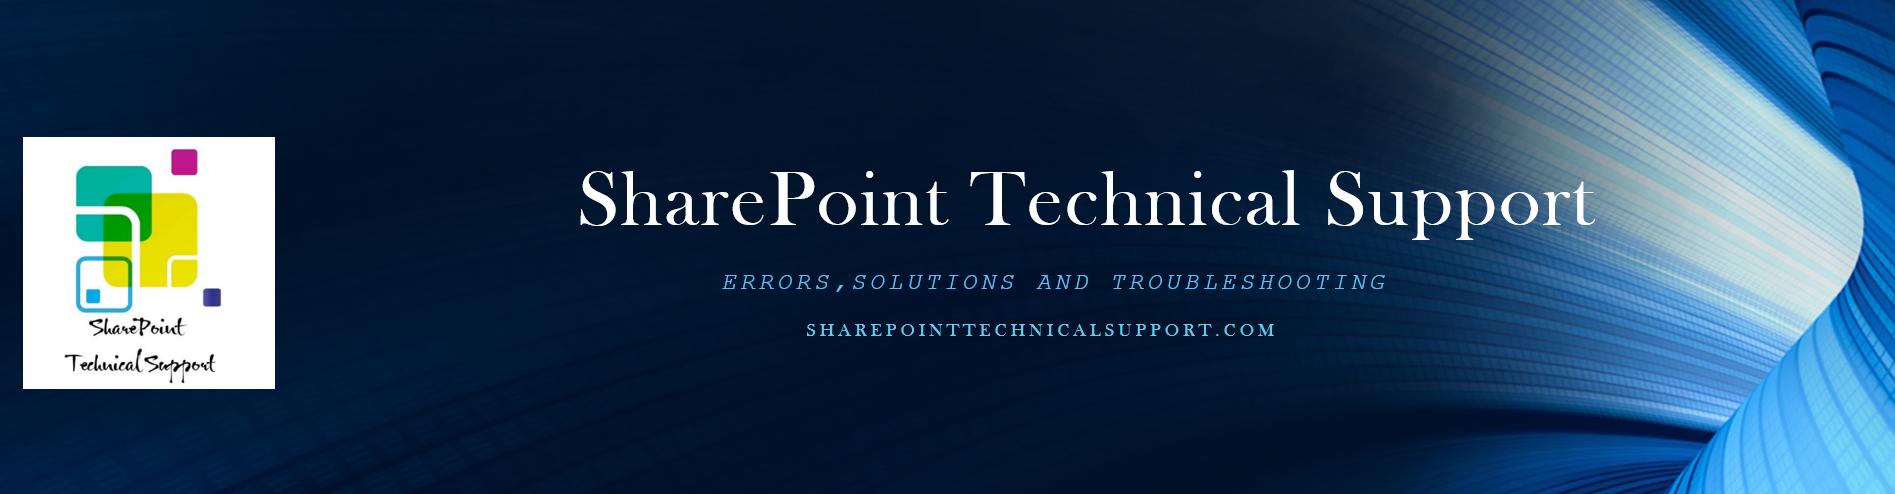 403 forbidden error fix | SharePointTechnicalSupport